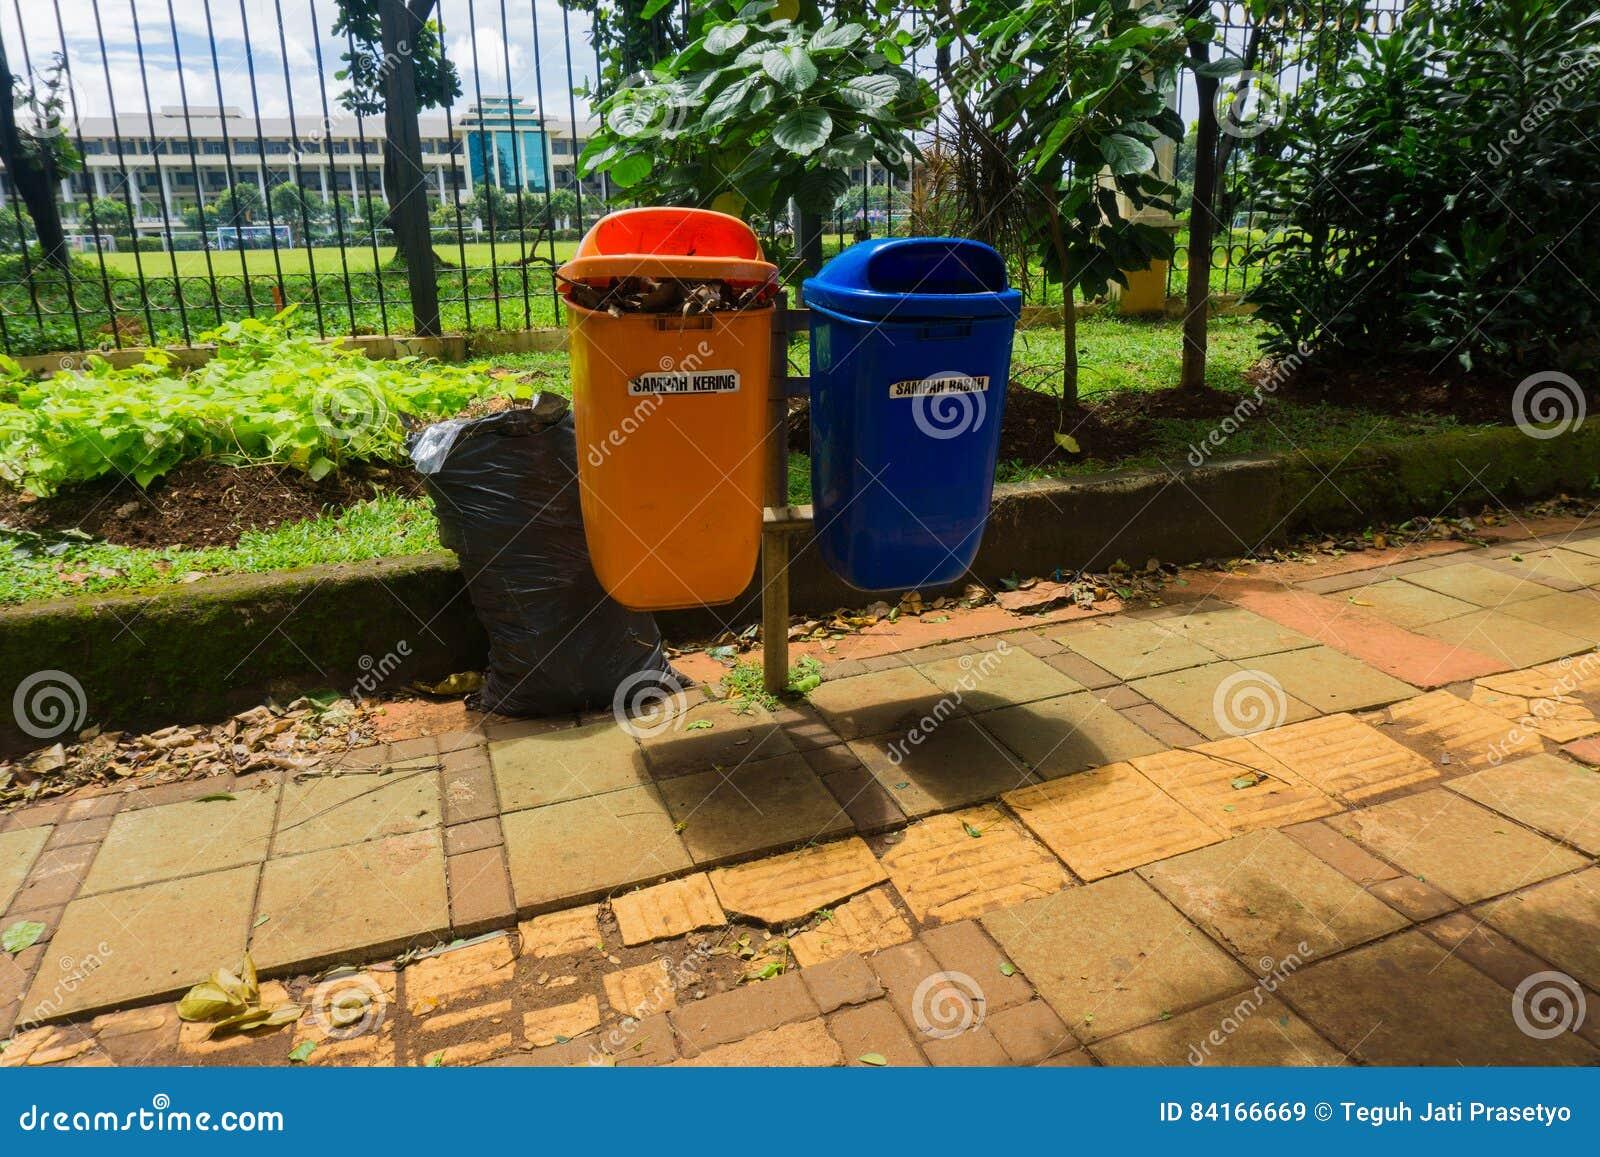 Органическое и unorganic мусорное ведро в пешеходном фото принятом в Джакарту Индонезию